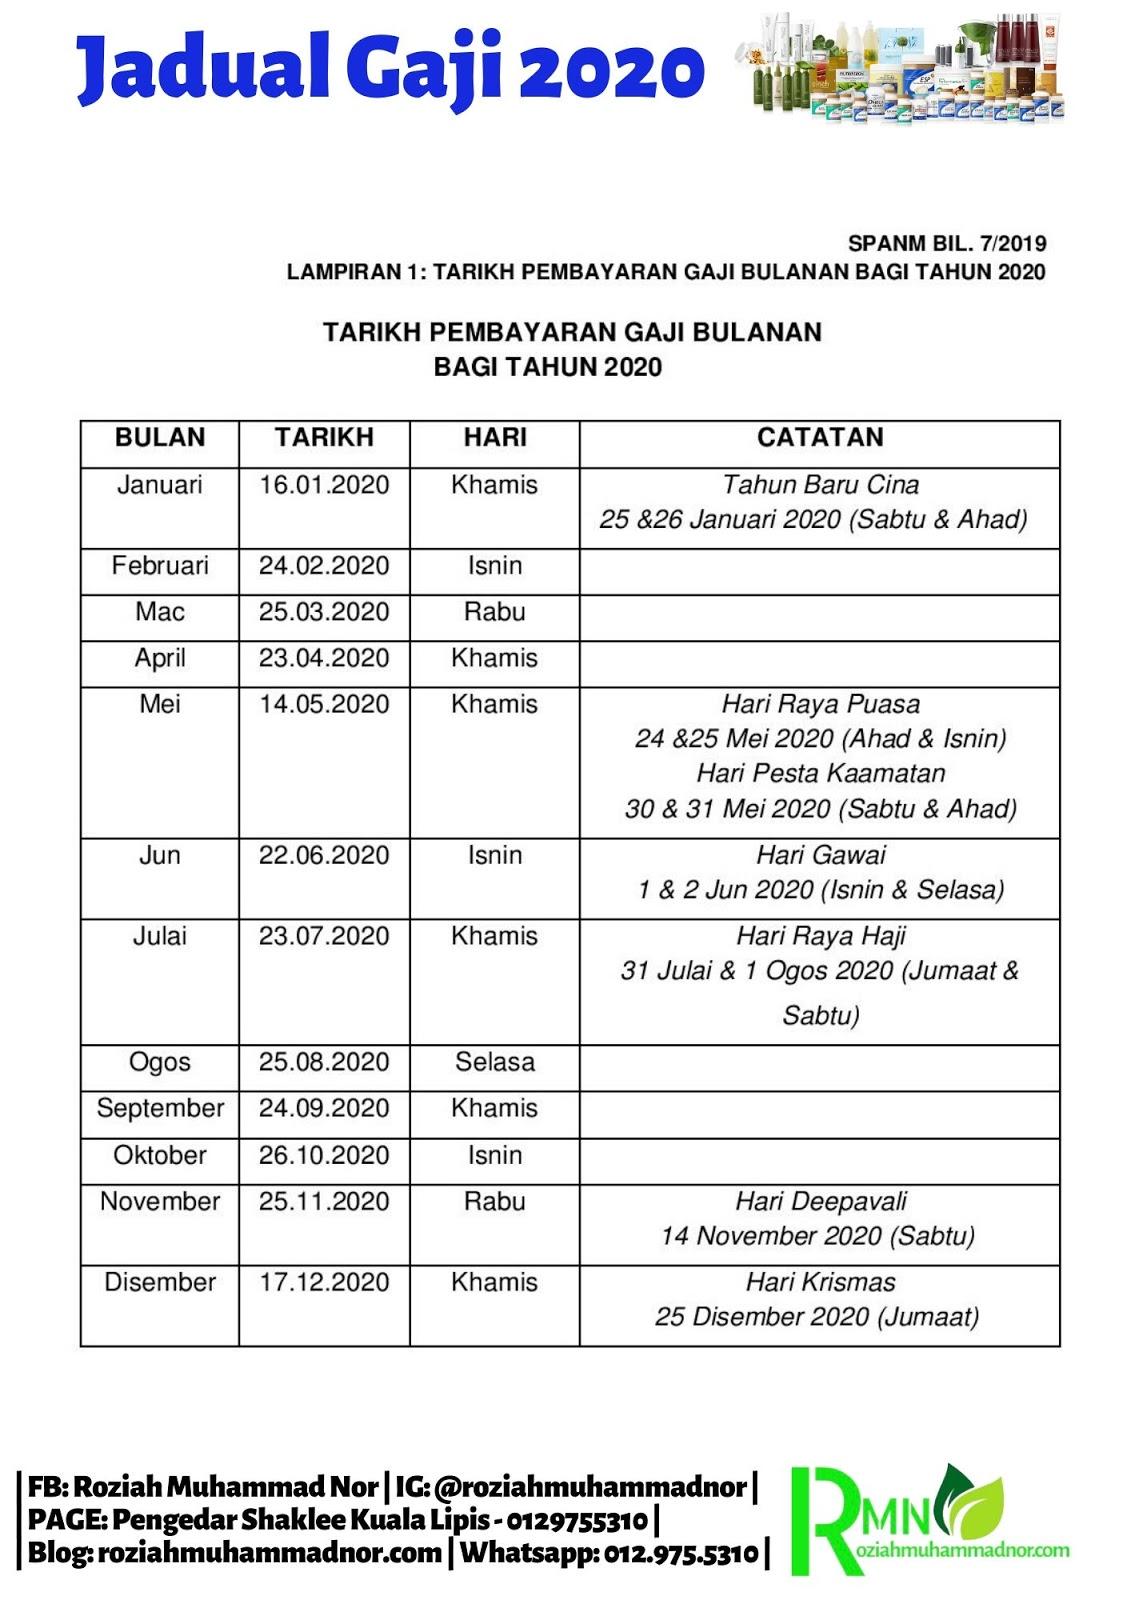 Jadual Pembayaran Gaji Penjawat Awam 2020 Pengedar Shaklee Kuala Lipis